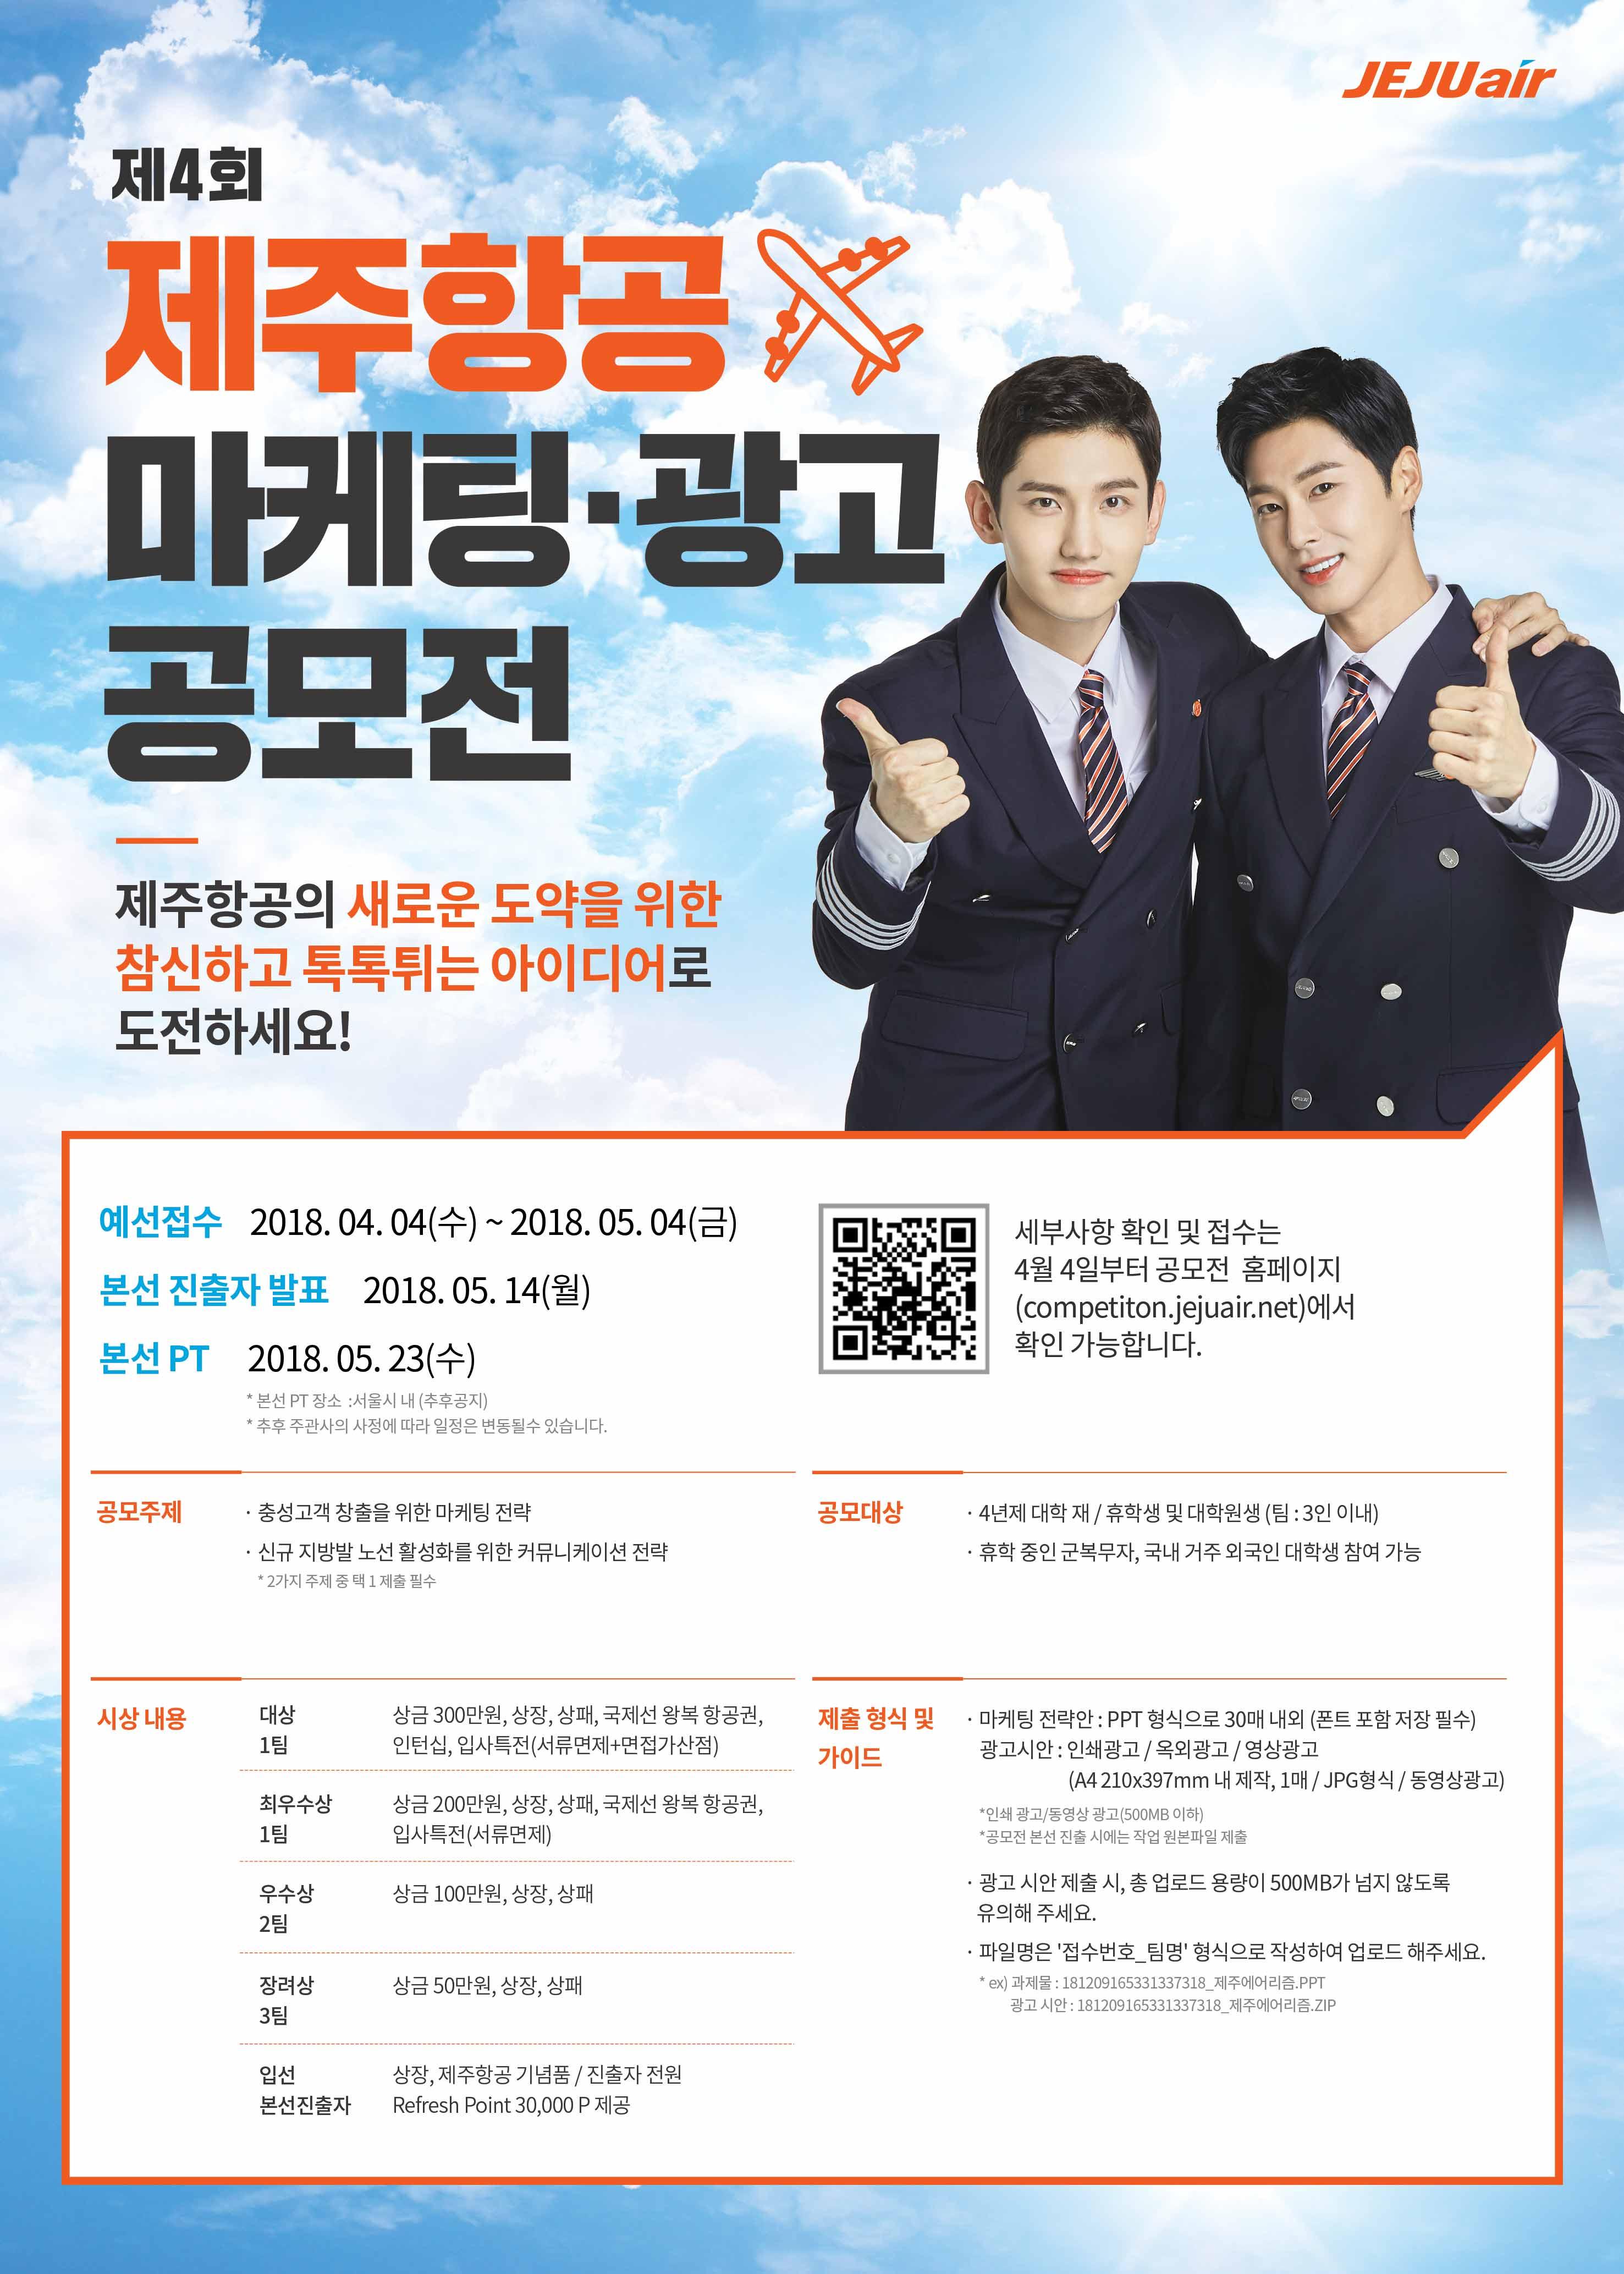 제4회 제주항공 마케팅 · 광고 공모전